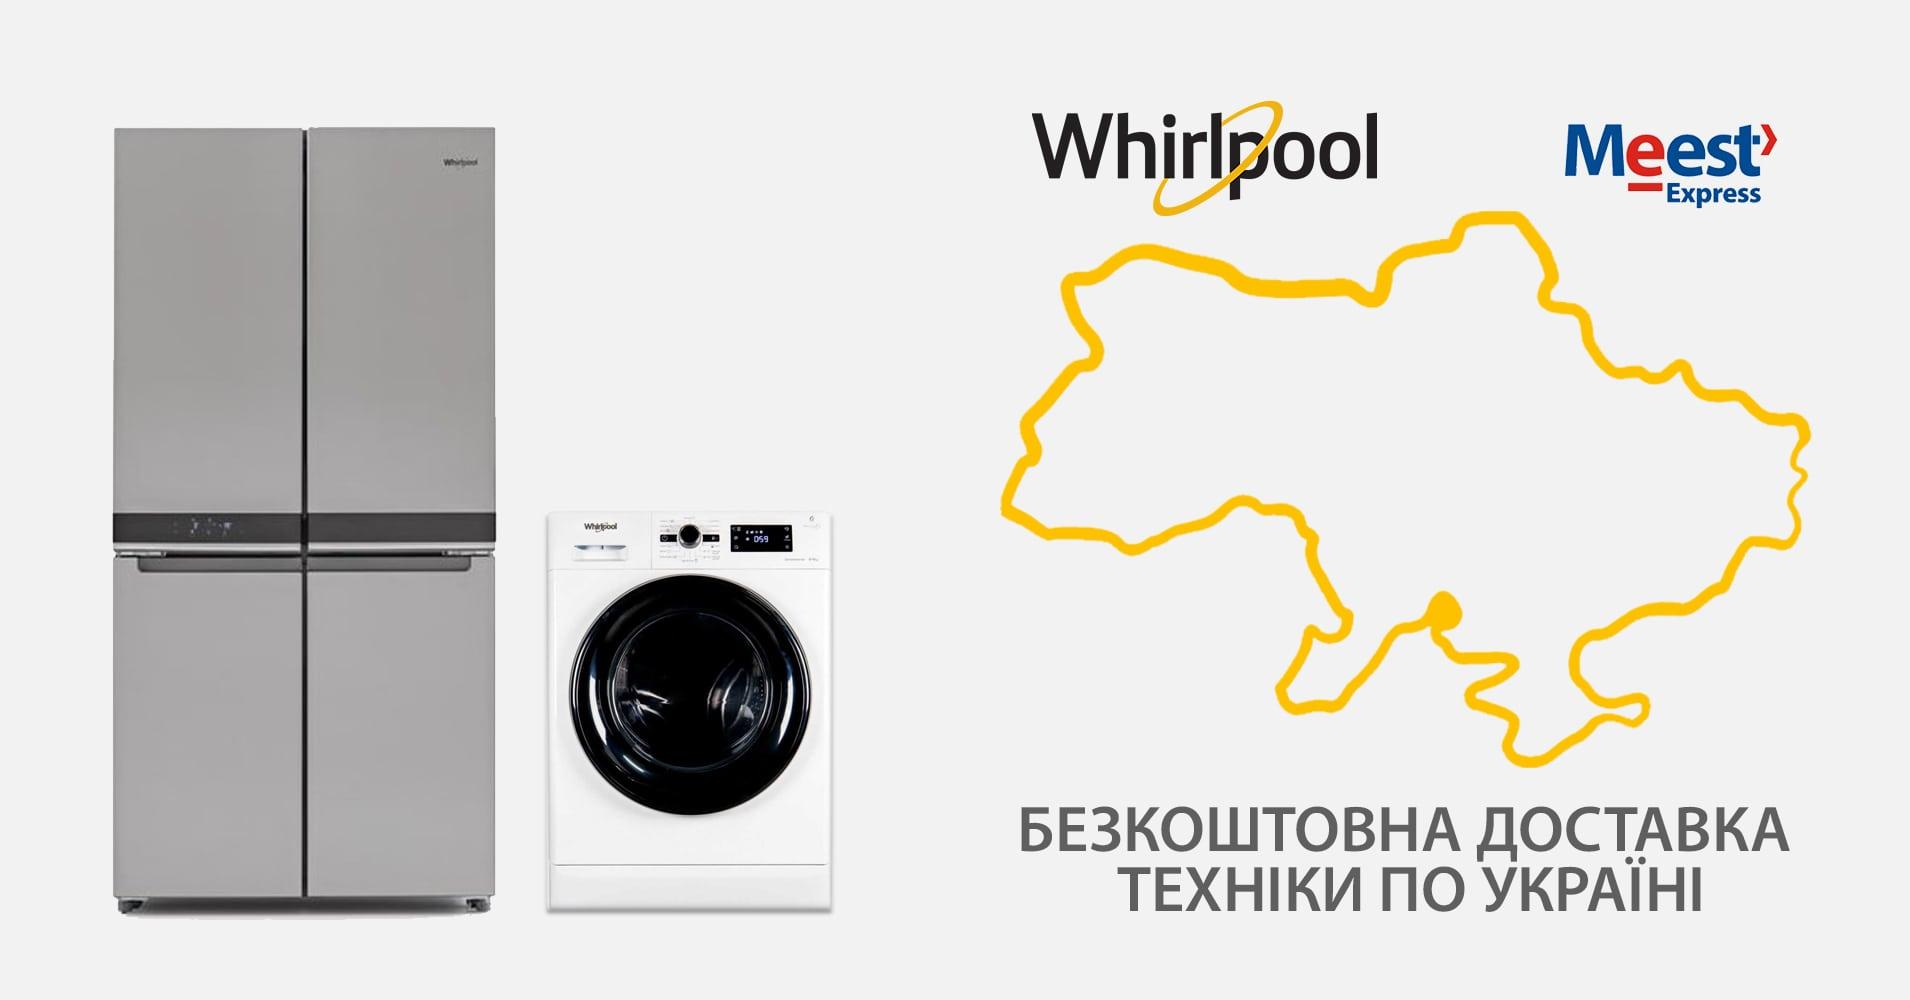 Промо акція у магазині whirlpool